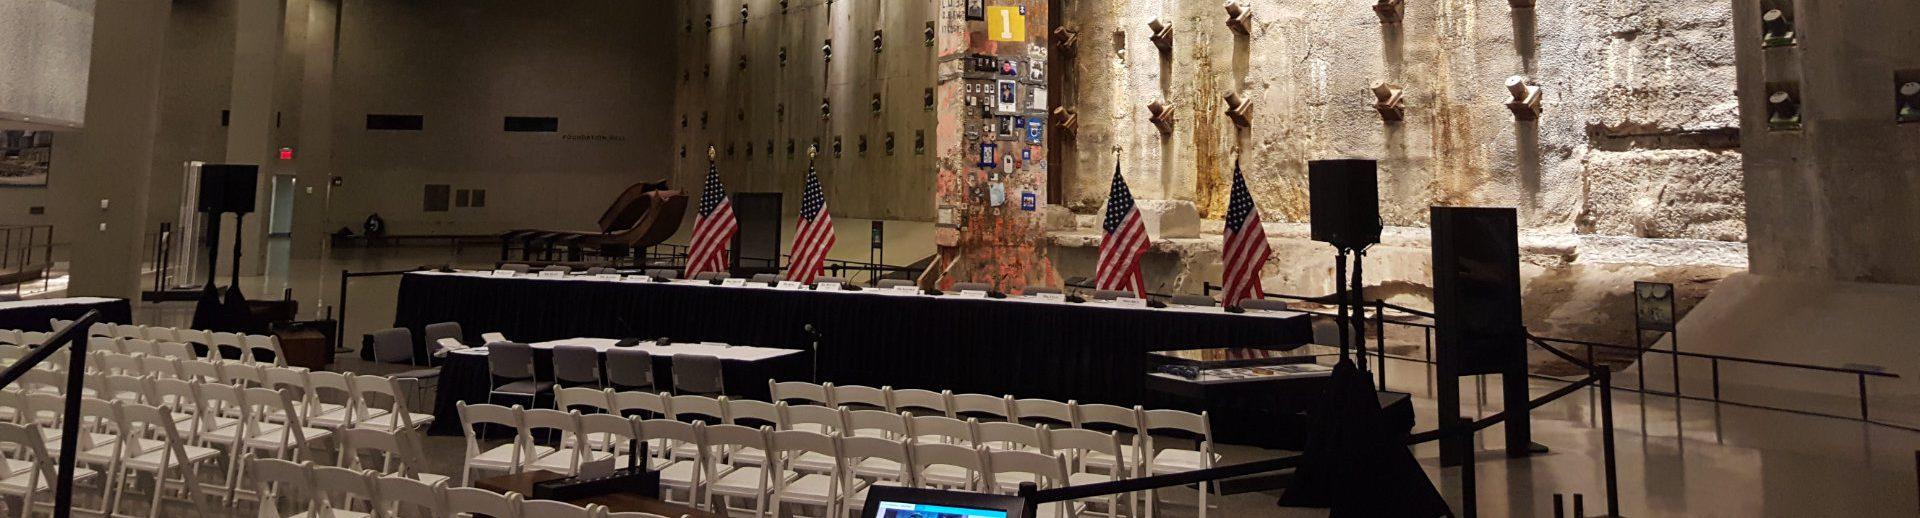 9-11 memorial audio